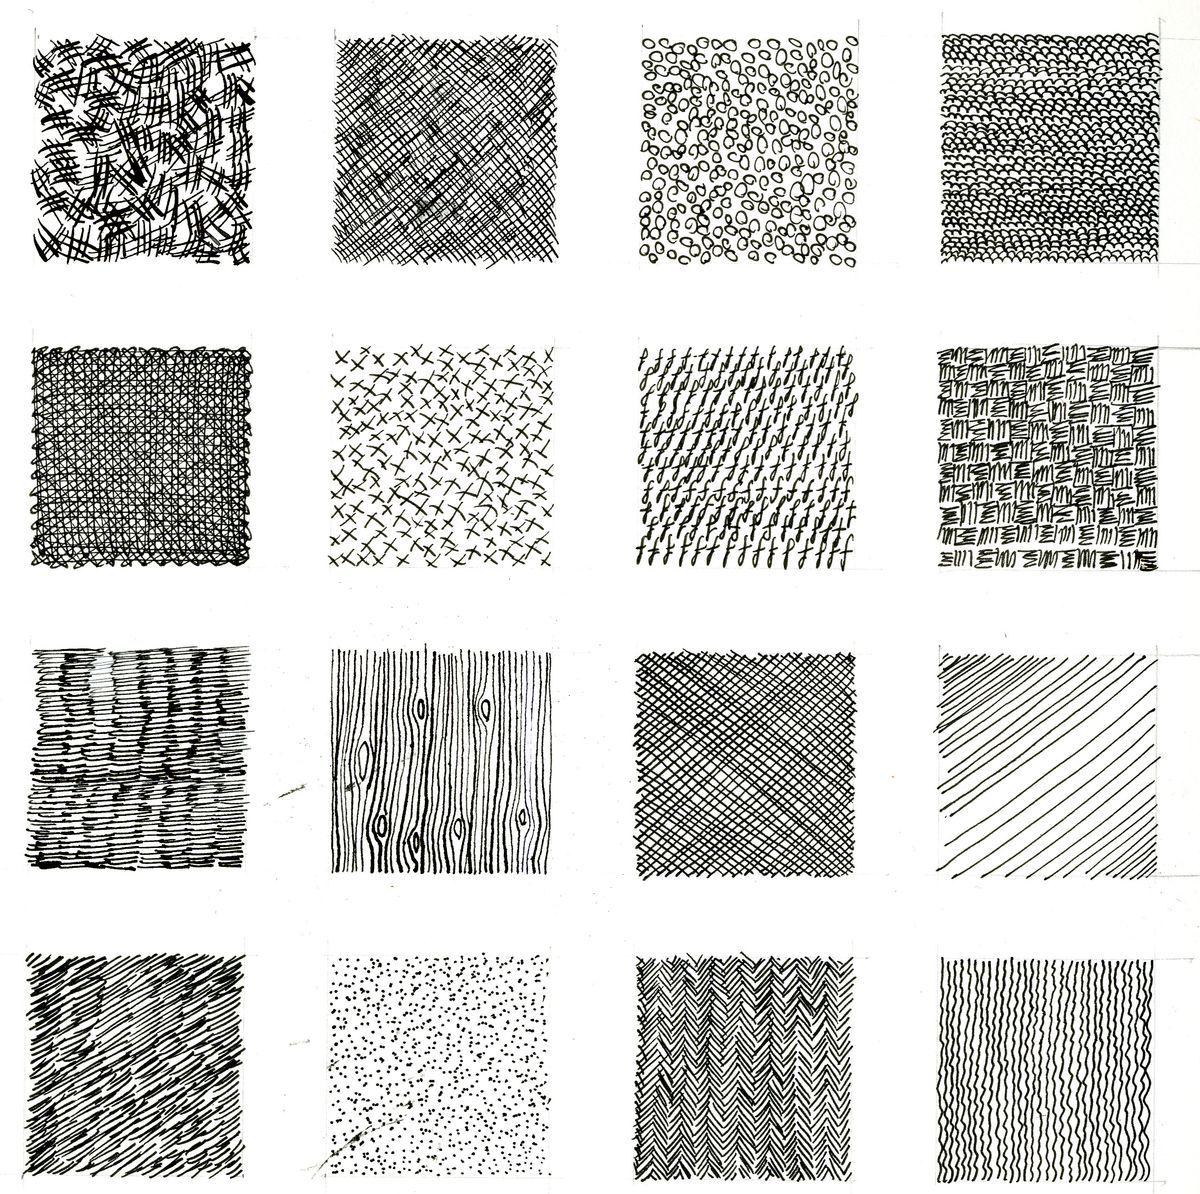 Cd355675df8778d5625ef2f5deb03a3c Jpg 1 200 1 194 Pixeles Ejercicios De Dibujo Texturas Dibujo Tecnicas De Dibujo